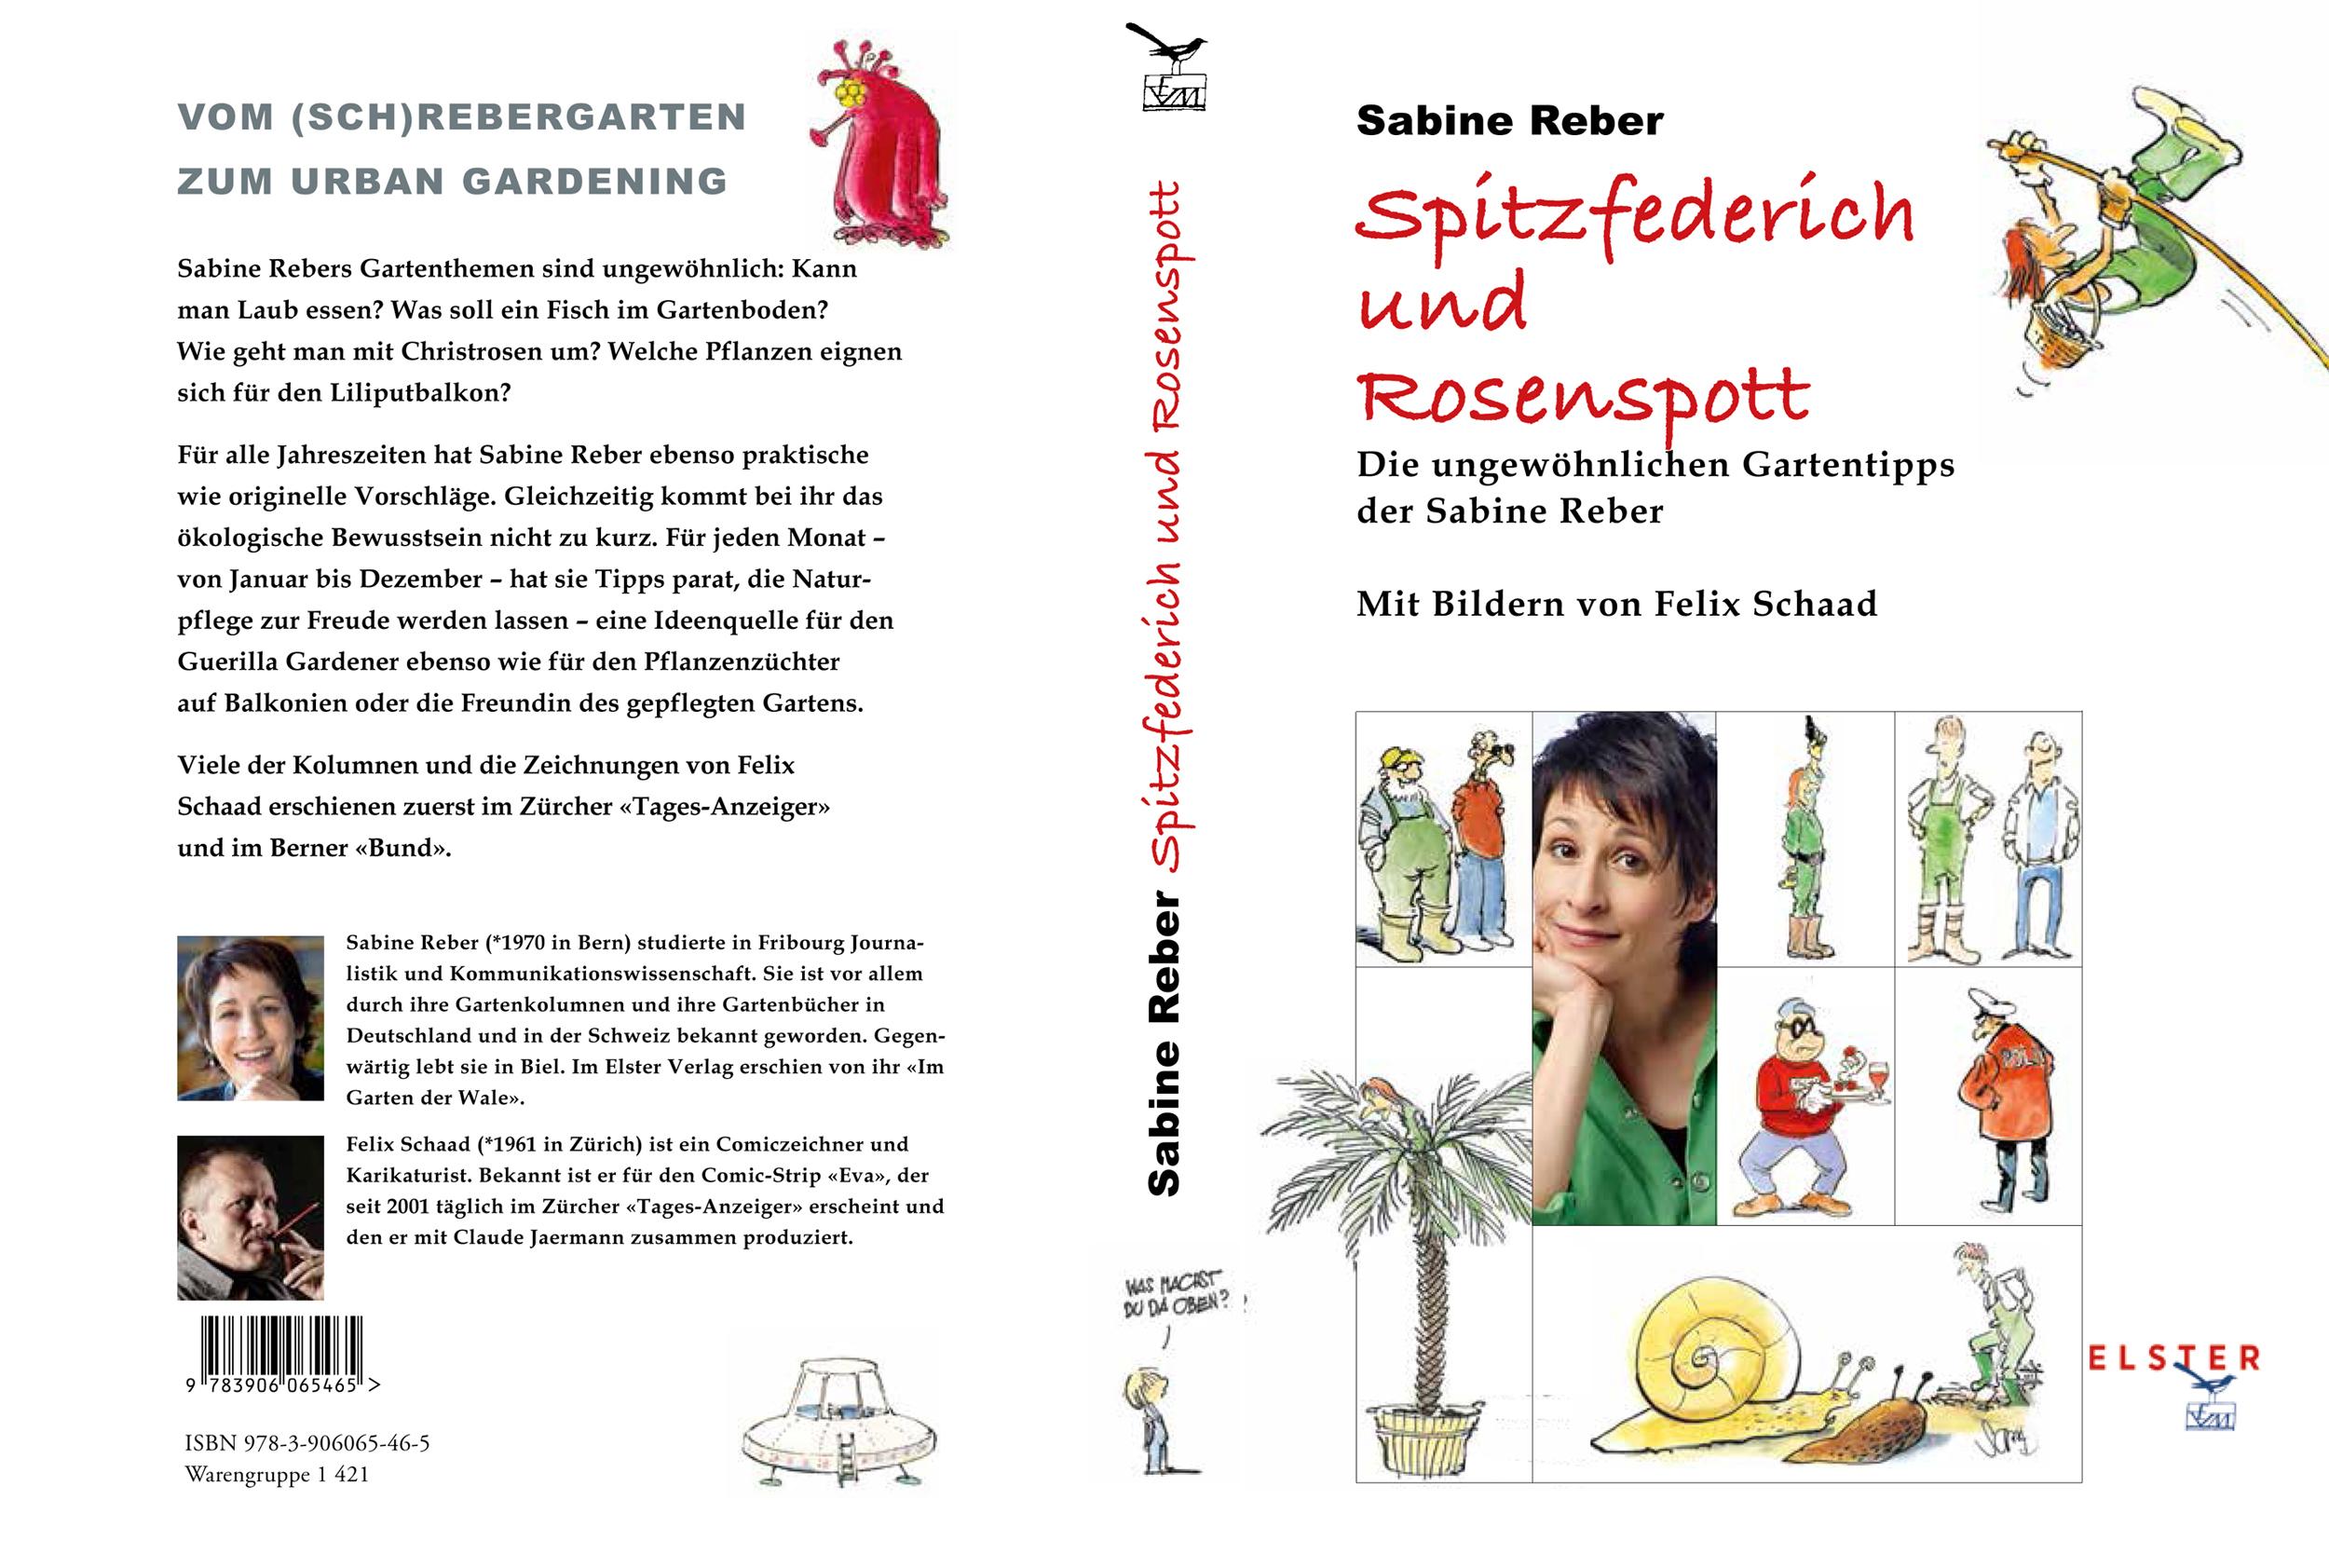 Spitzfederich und Rosenspott